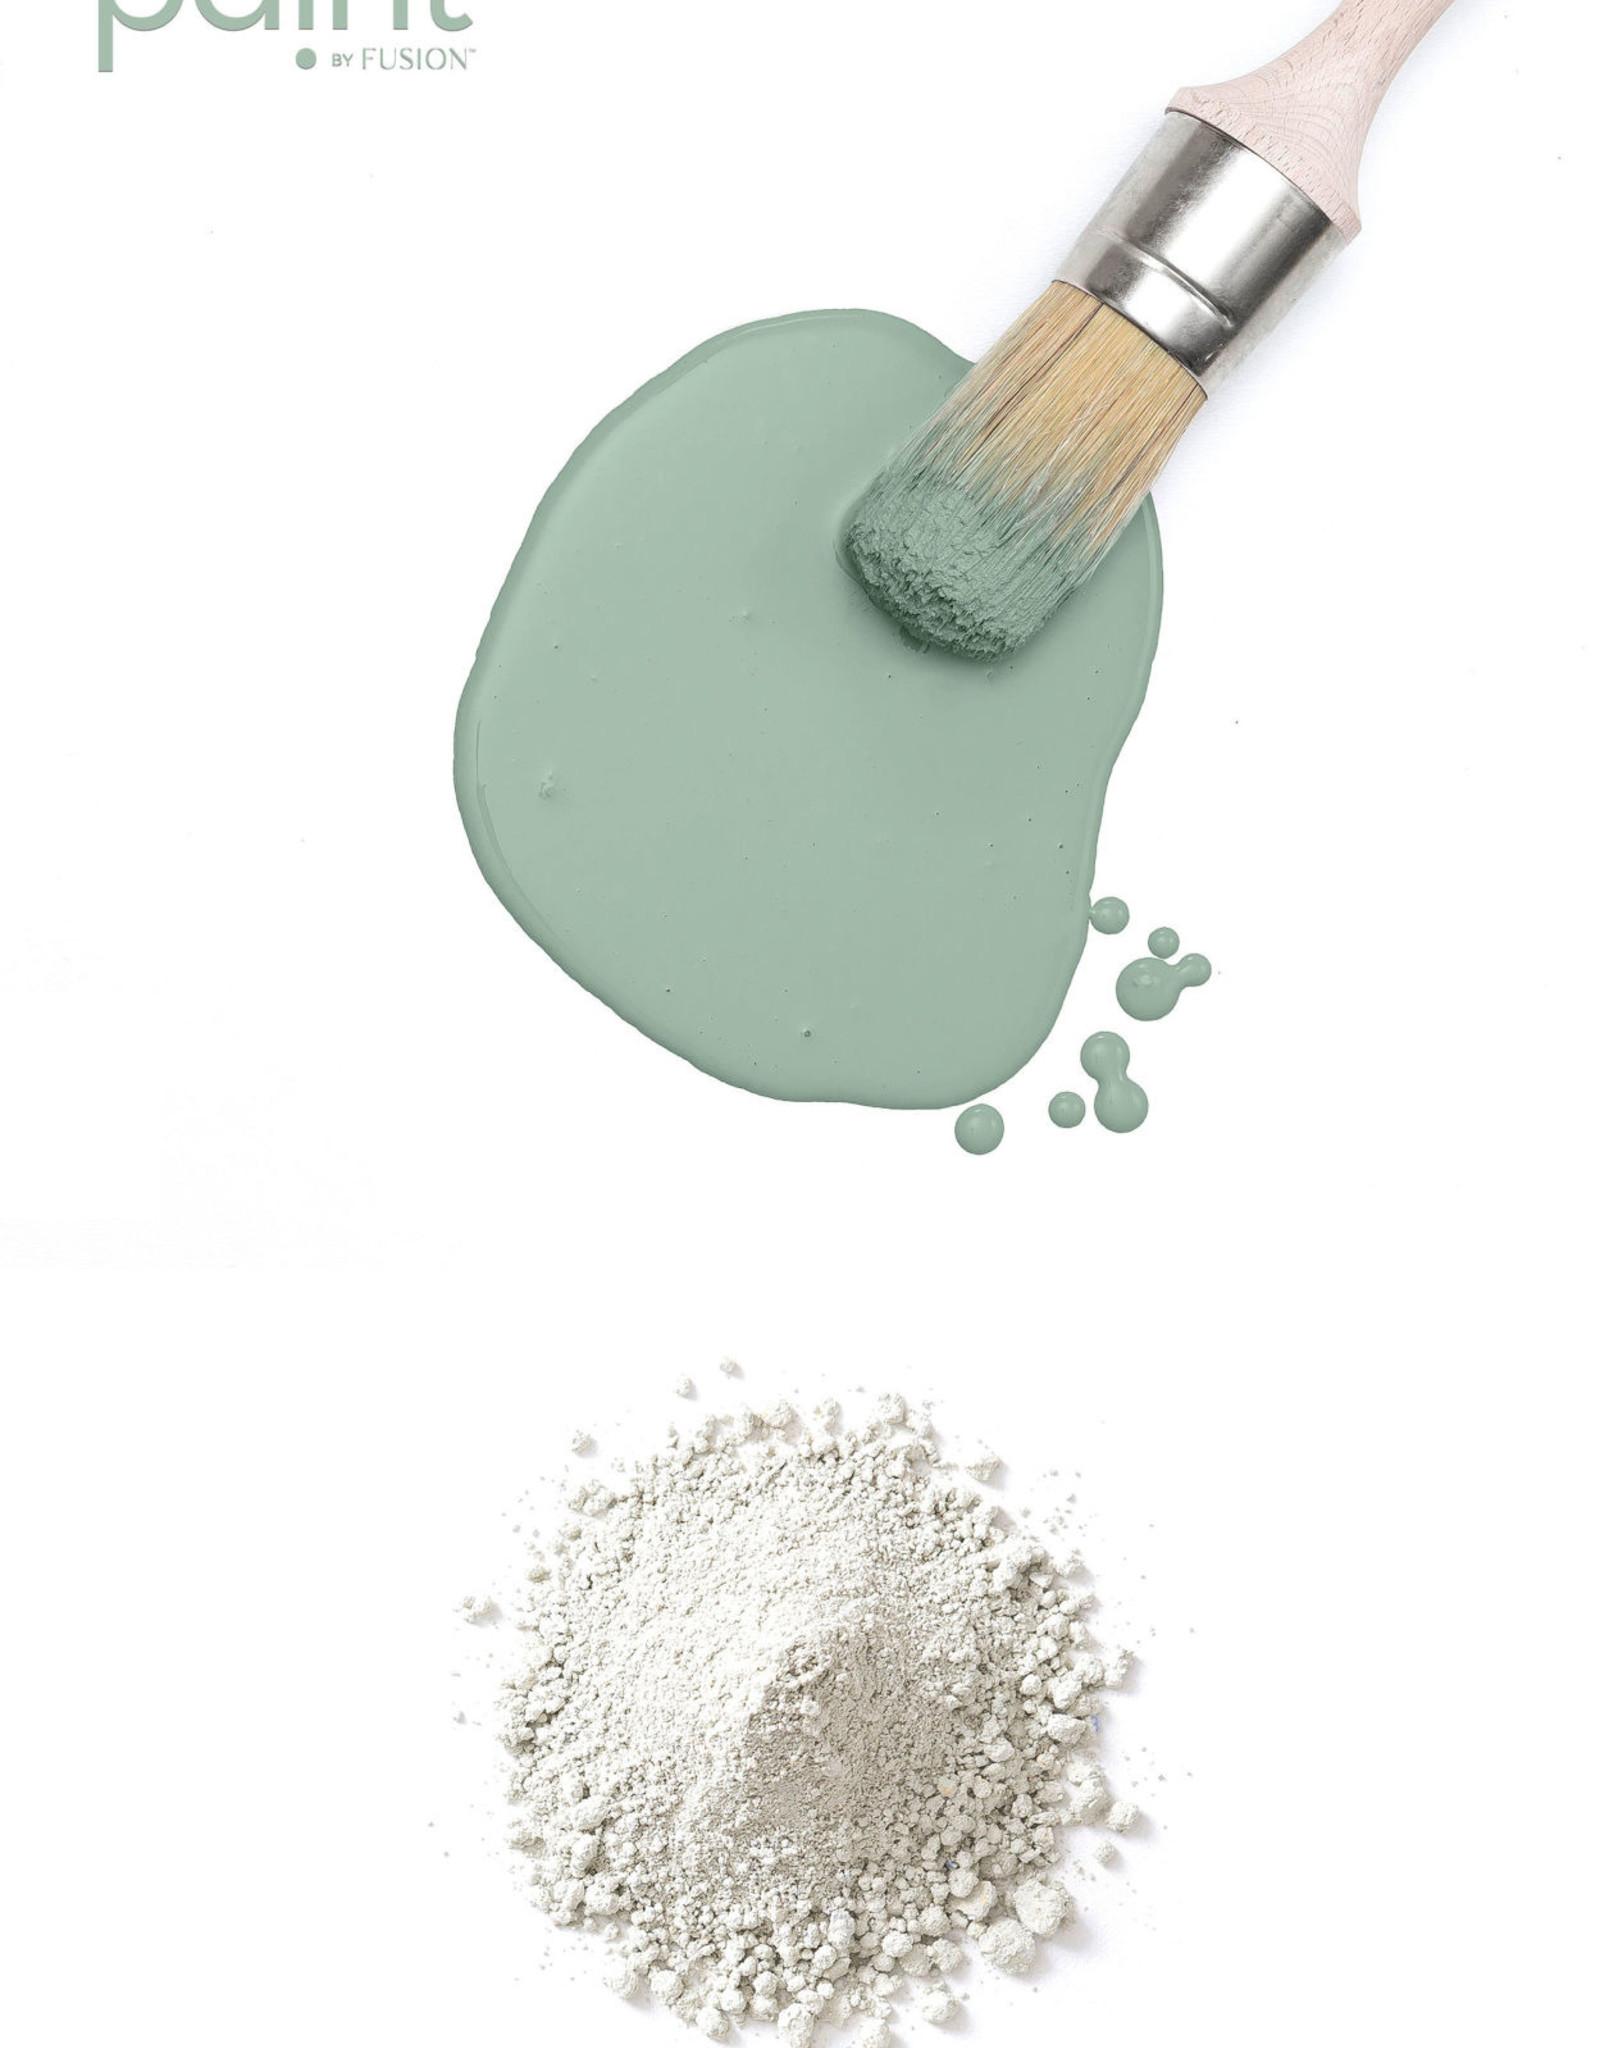 Fusion Mineral Paint Milk Paint 50g Vintage Laurel